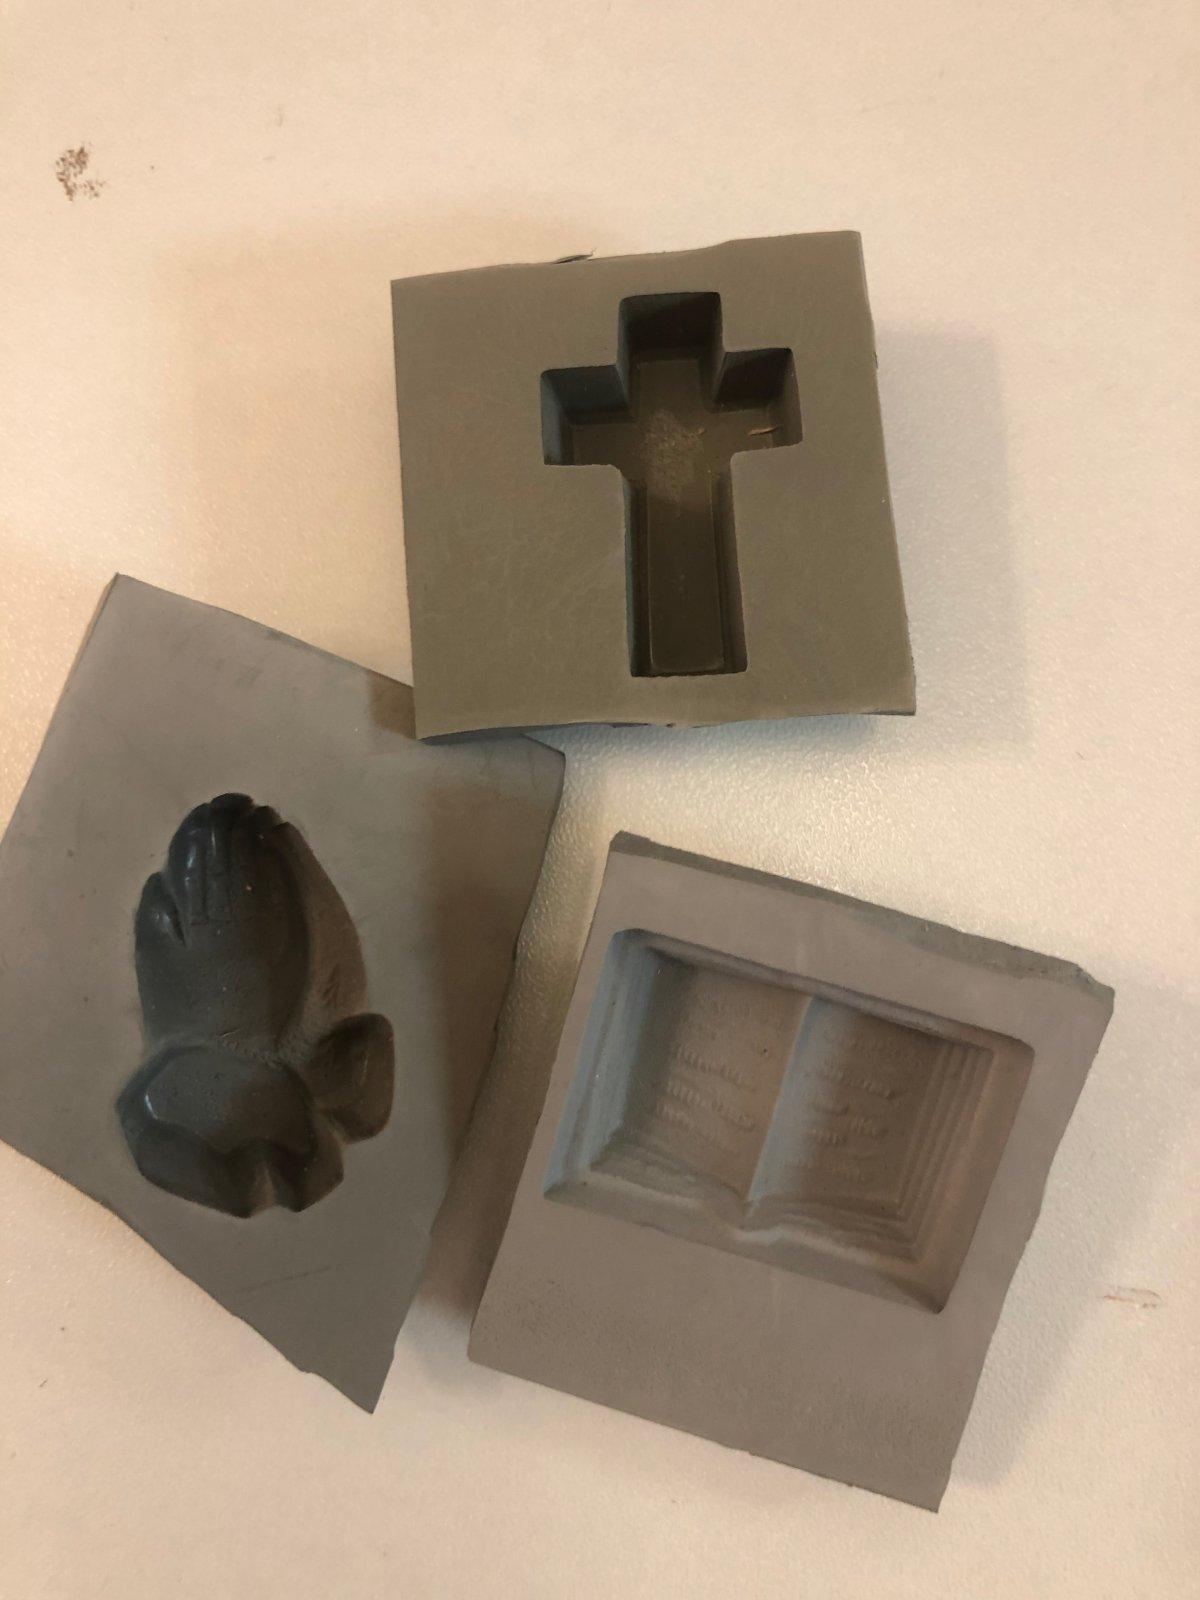 Cross, Praying Hands & Bible Rubber Cream Cheese Mint Mold 1 1/4